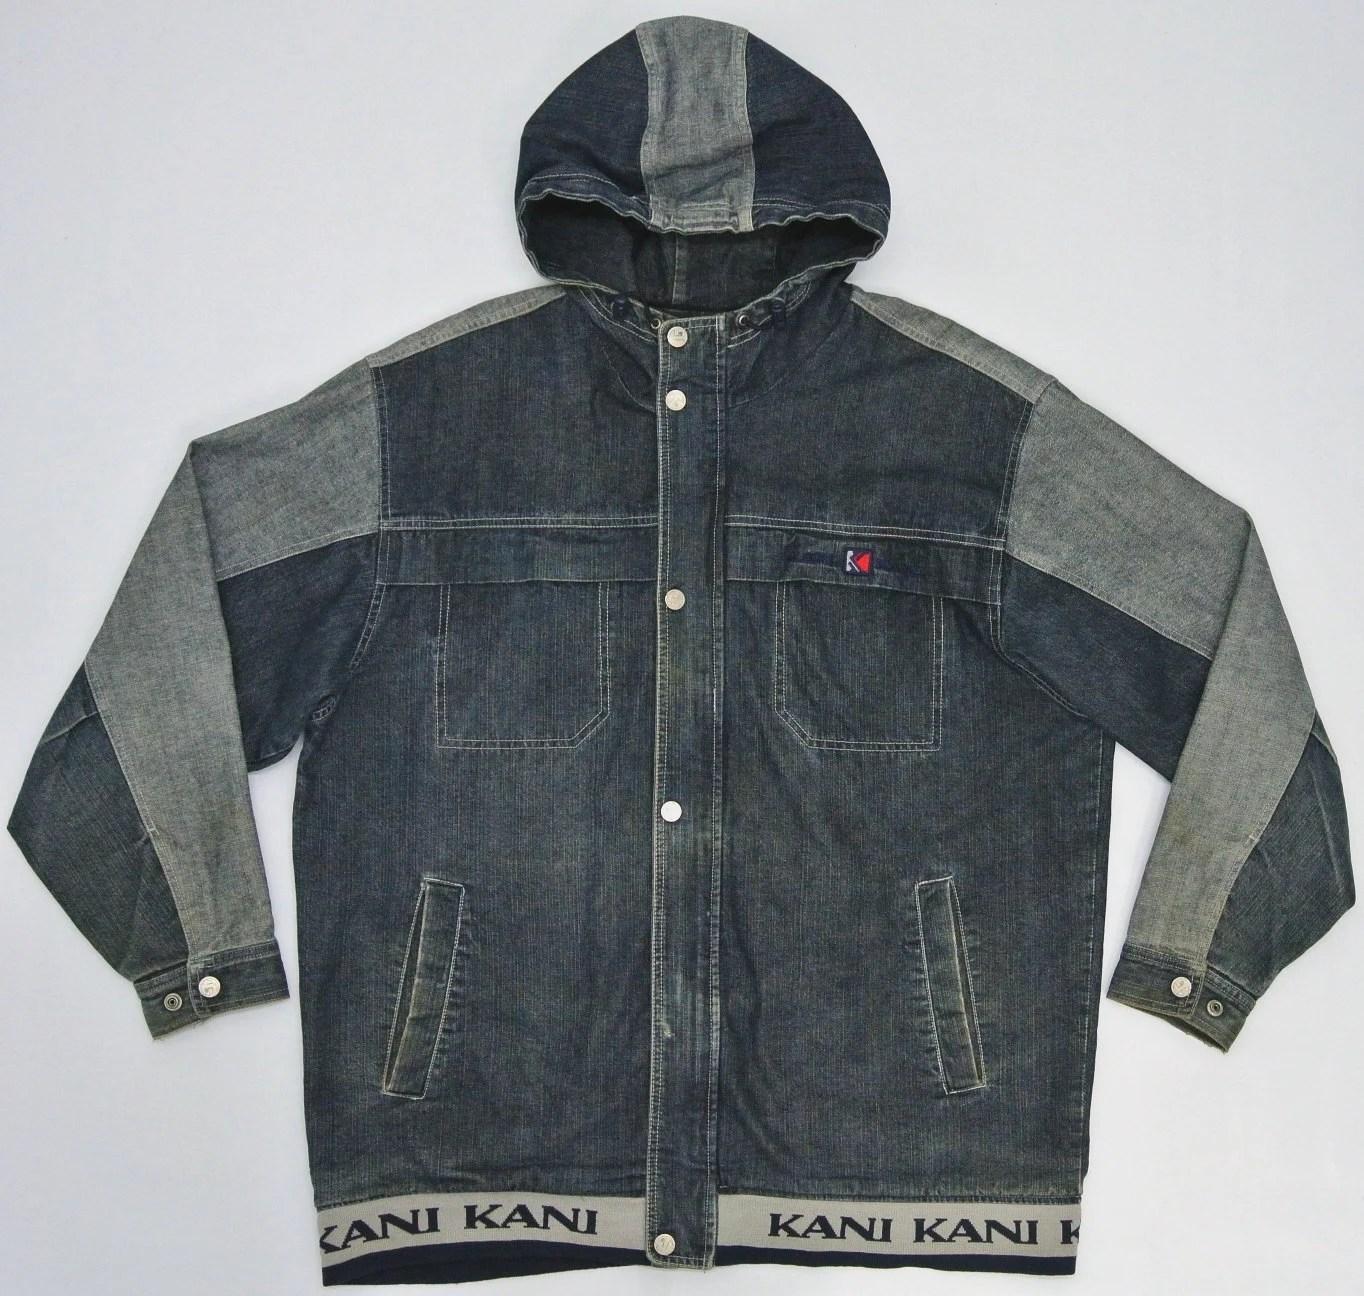 Kk2 Karl Kani Denim Jacket